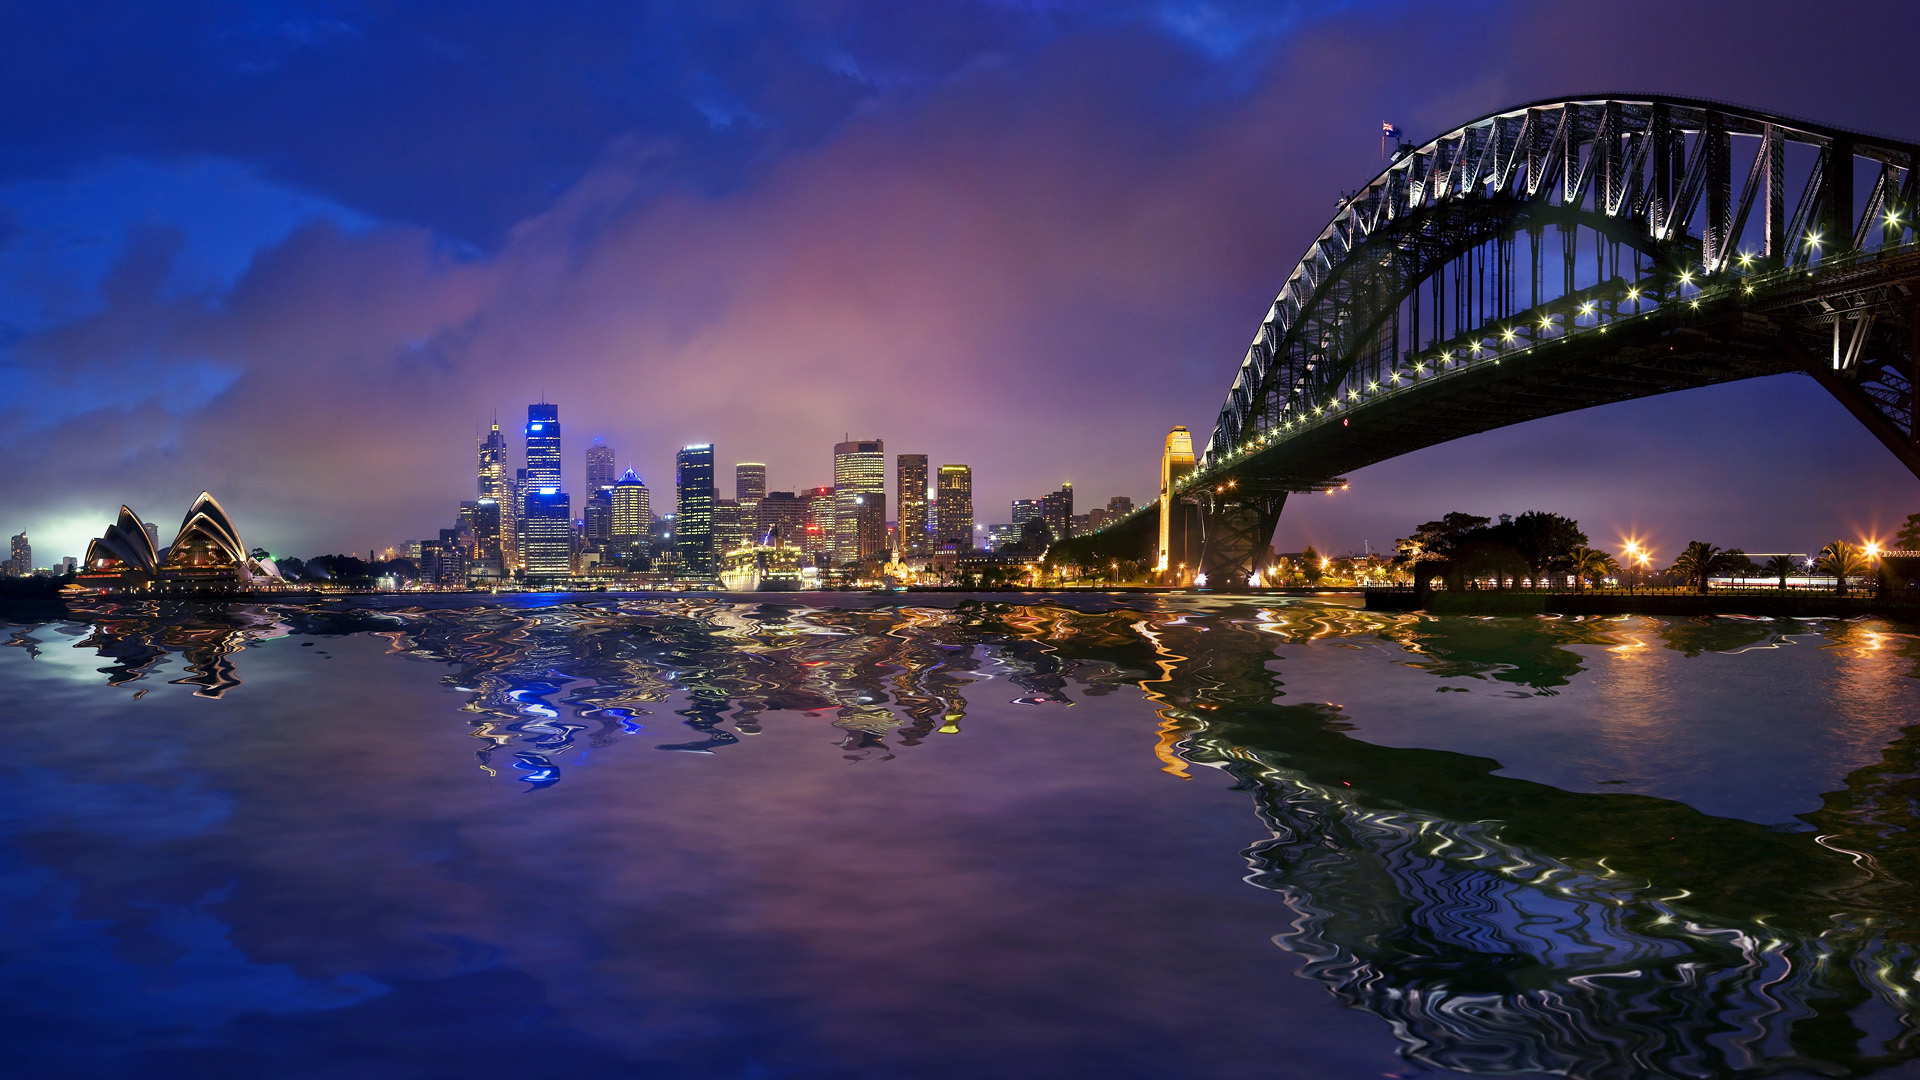 sydney escenario hd wallpapers - photo #19